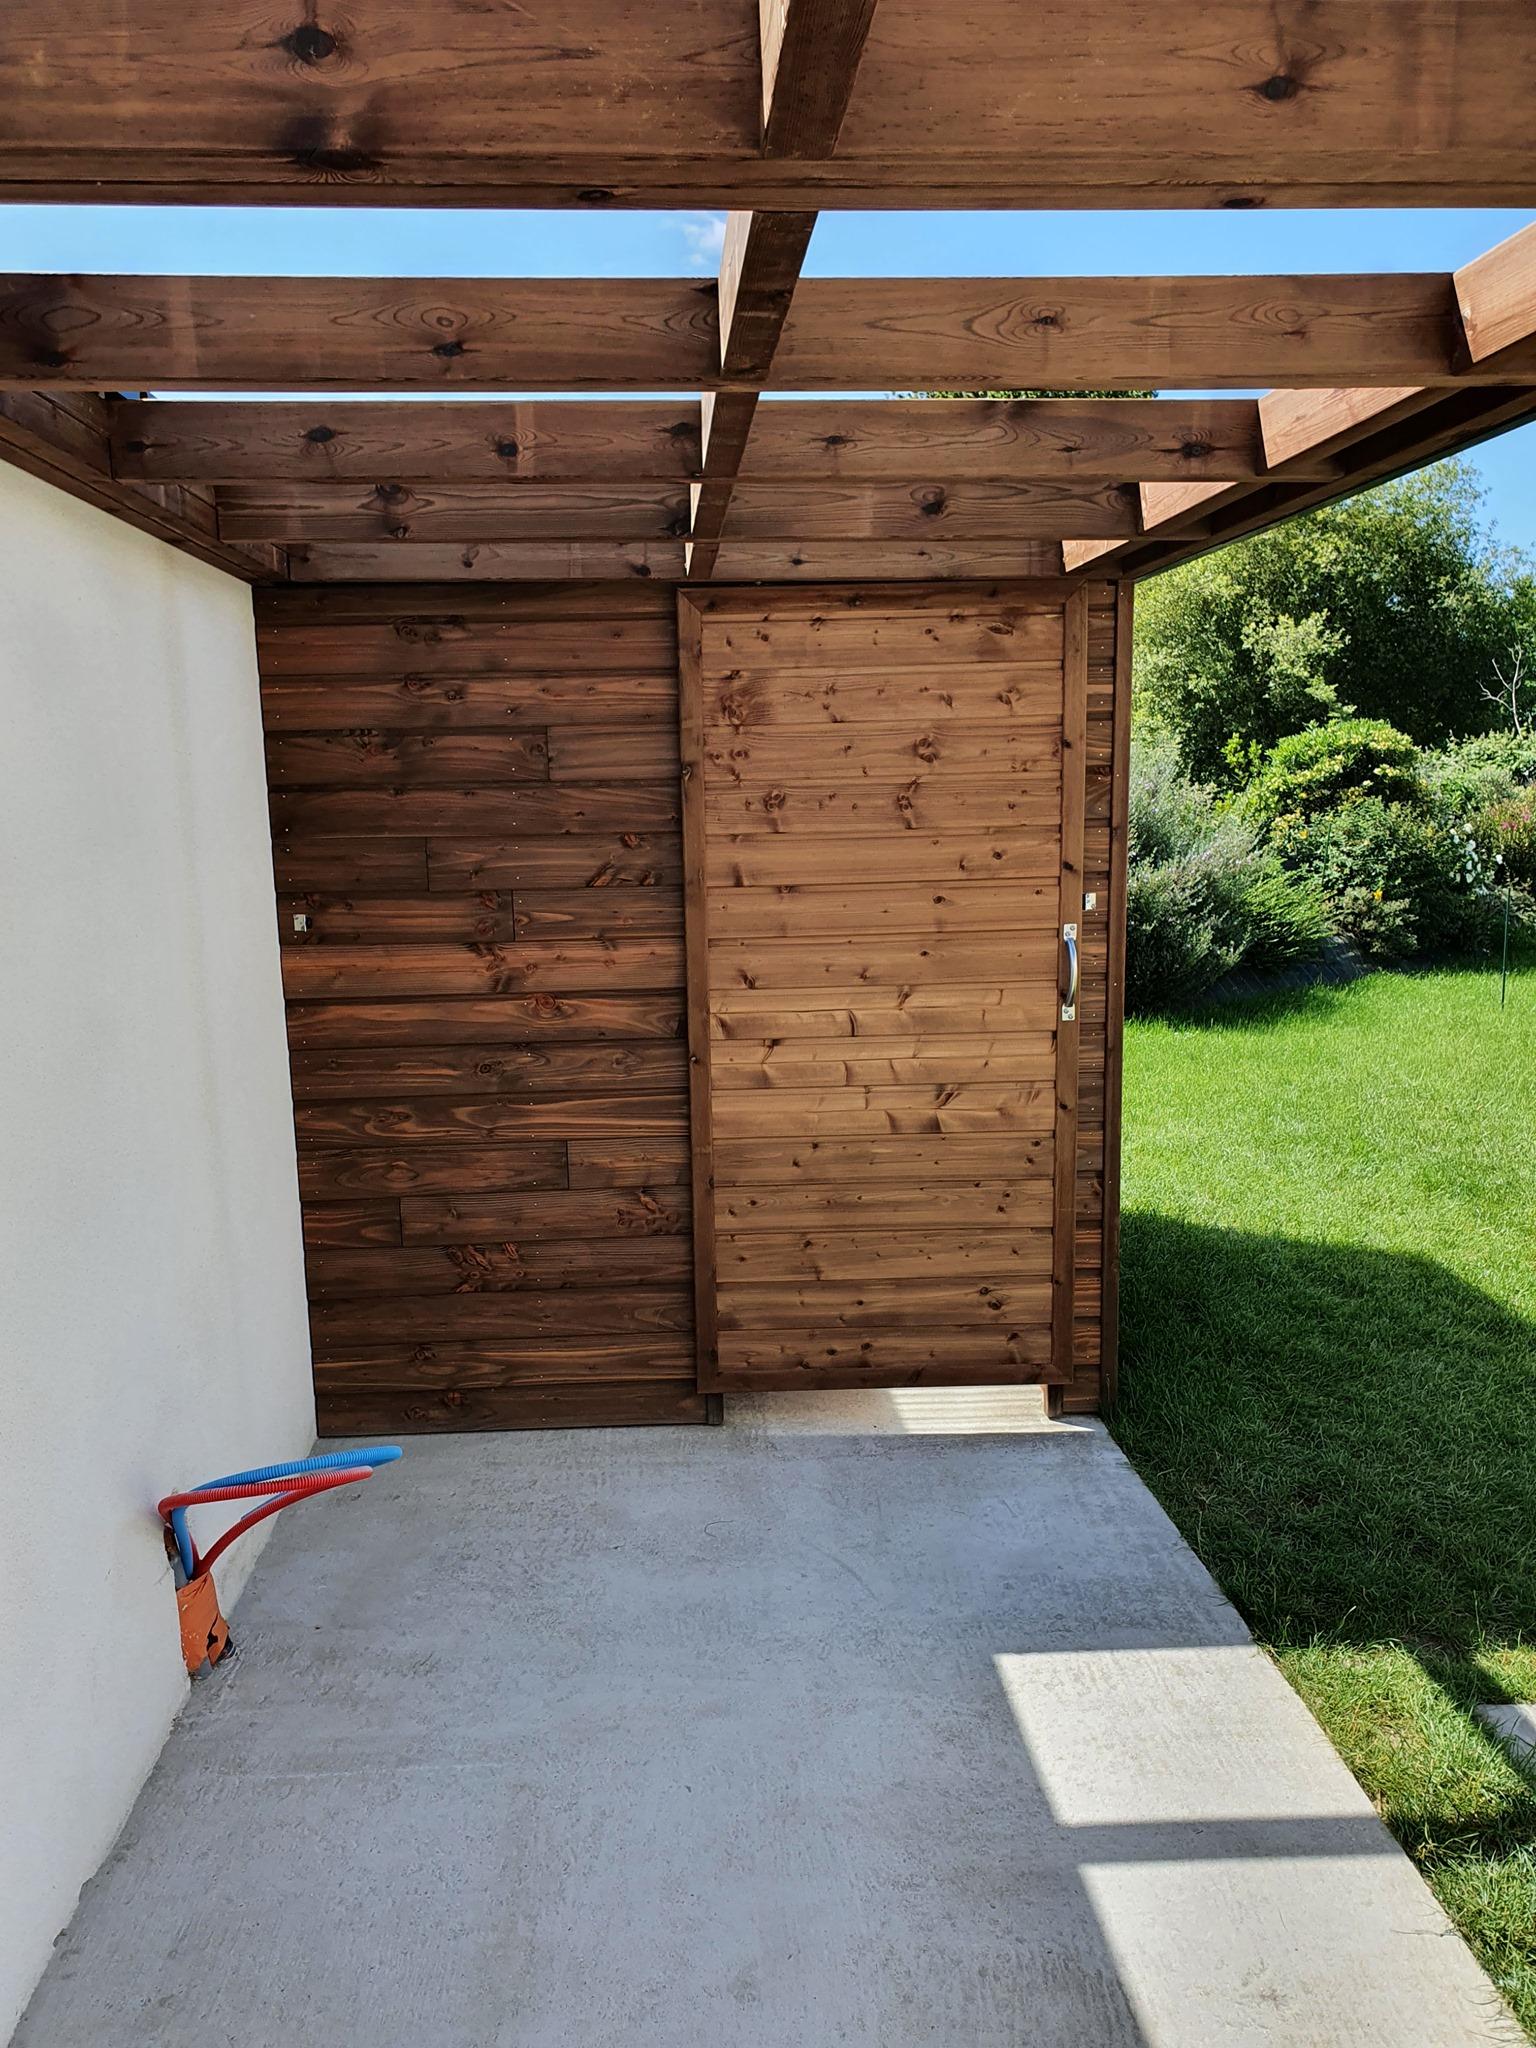 1633472074 648 Realisation dun abri sur mesure structure en Pin - Réalisation d'un abri sur mesure, structure en Pin...